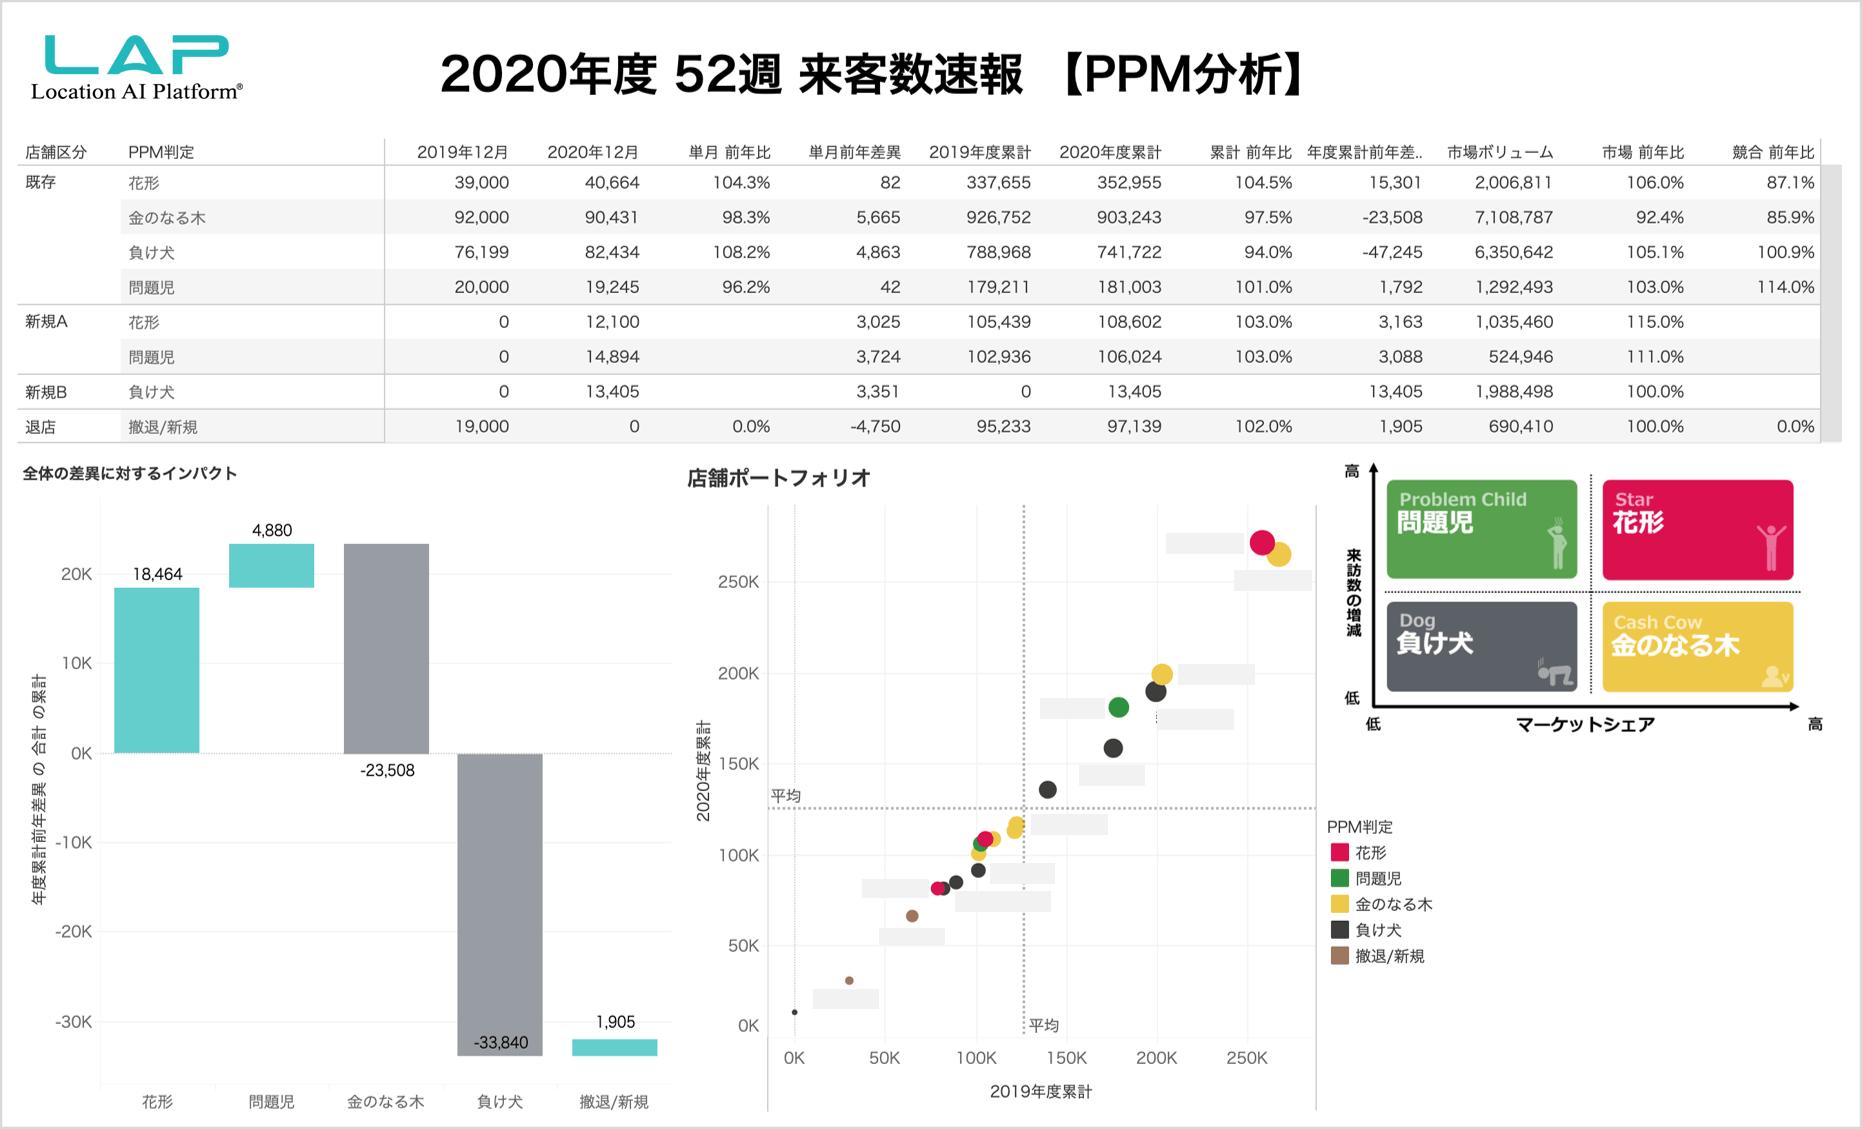 52週来客数速報 PPM分析